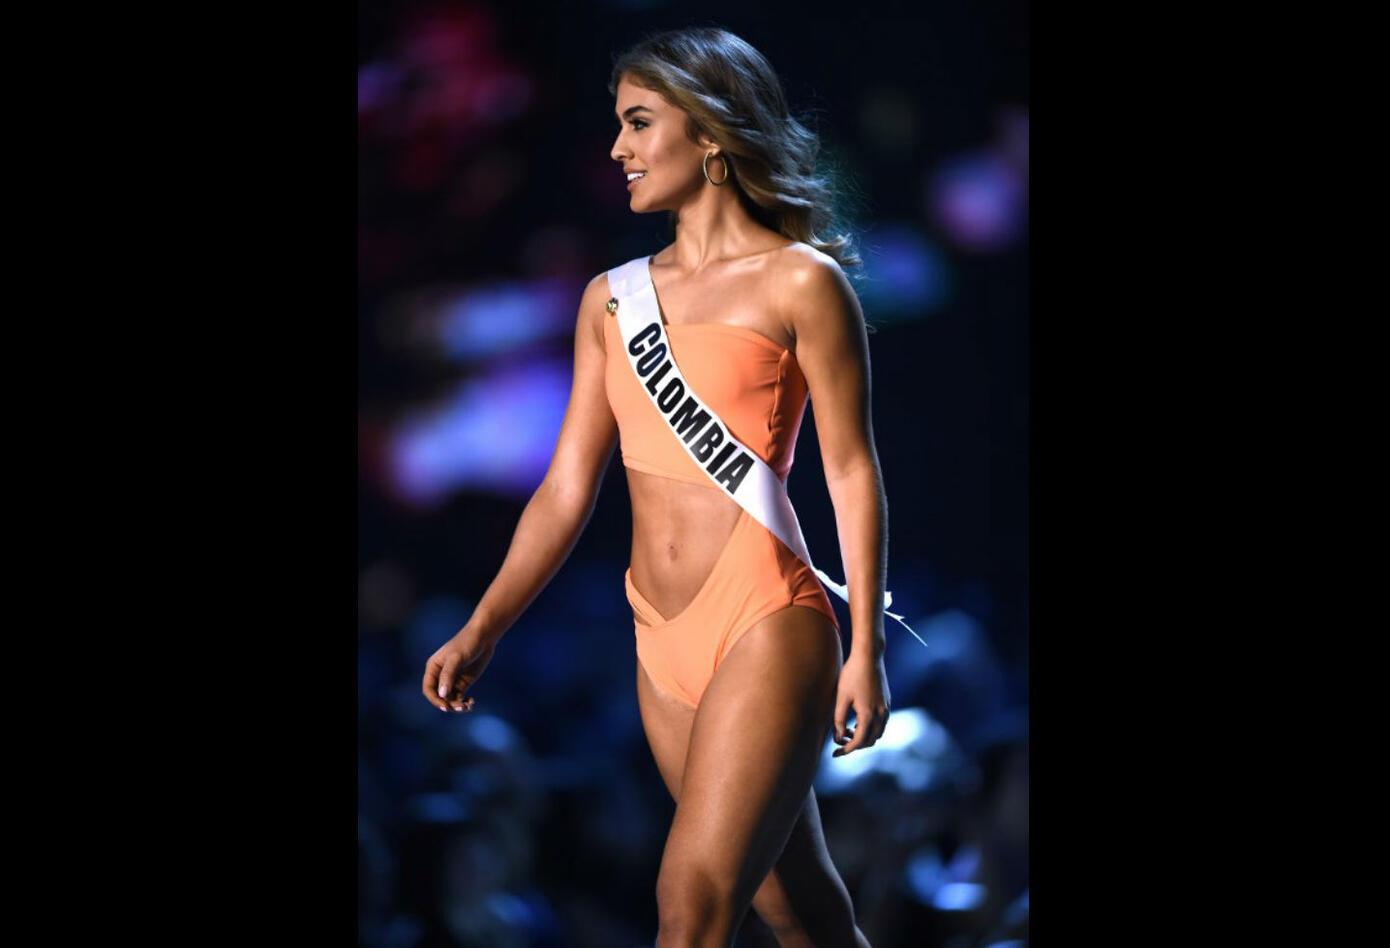 Desfile en traje de baño de Miss Colombia, Valeria Morales en Miss Universo 2018